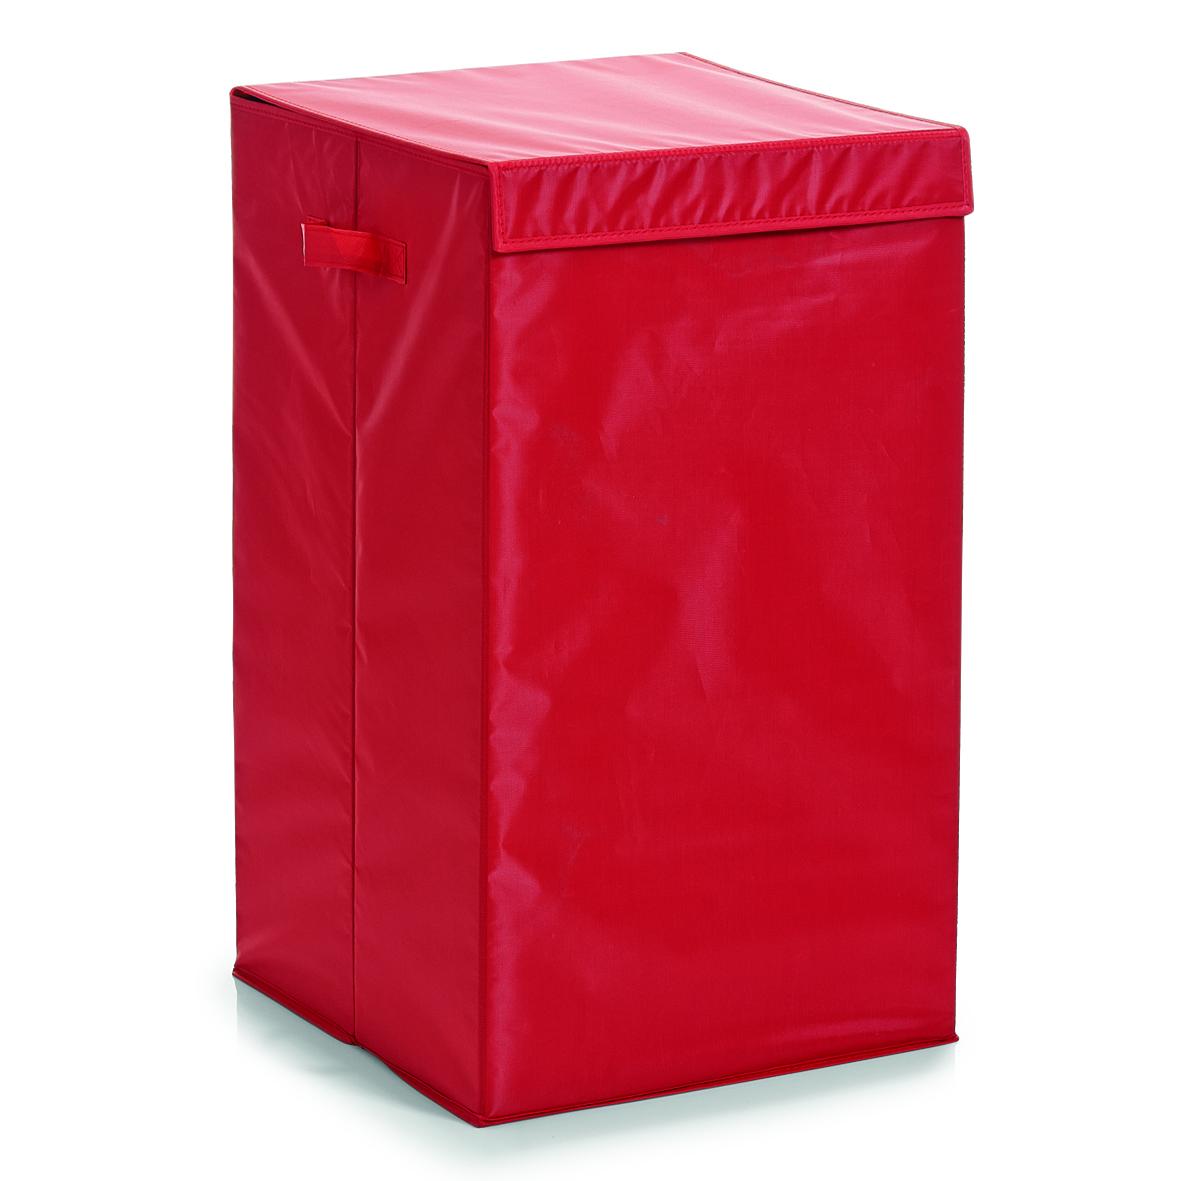 Zeller, Koš na prádlo, červený, 13262